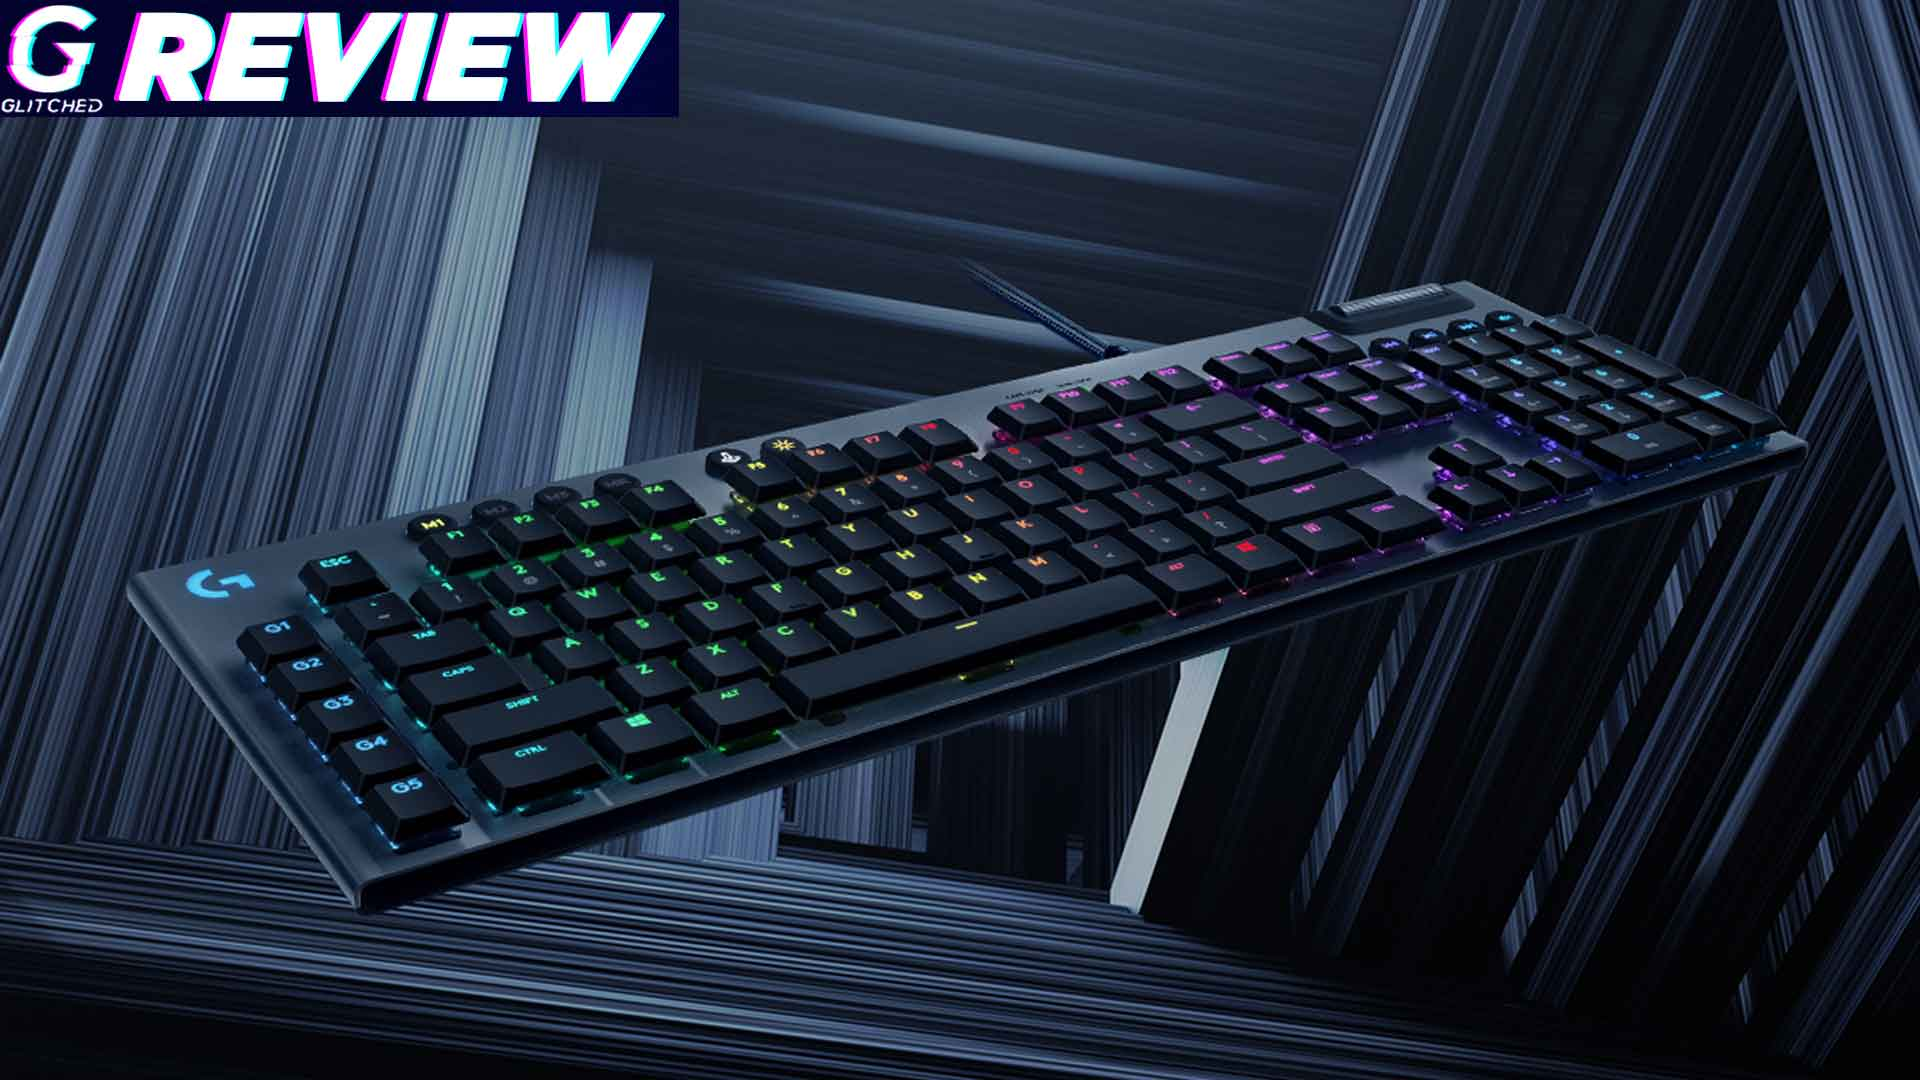 Logitech G815 Gaming Keyboard Review